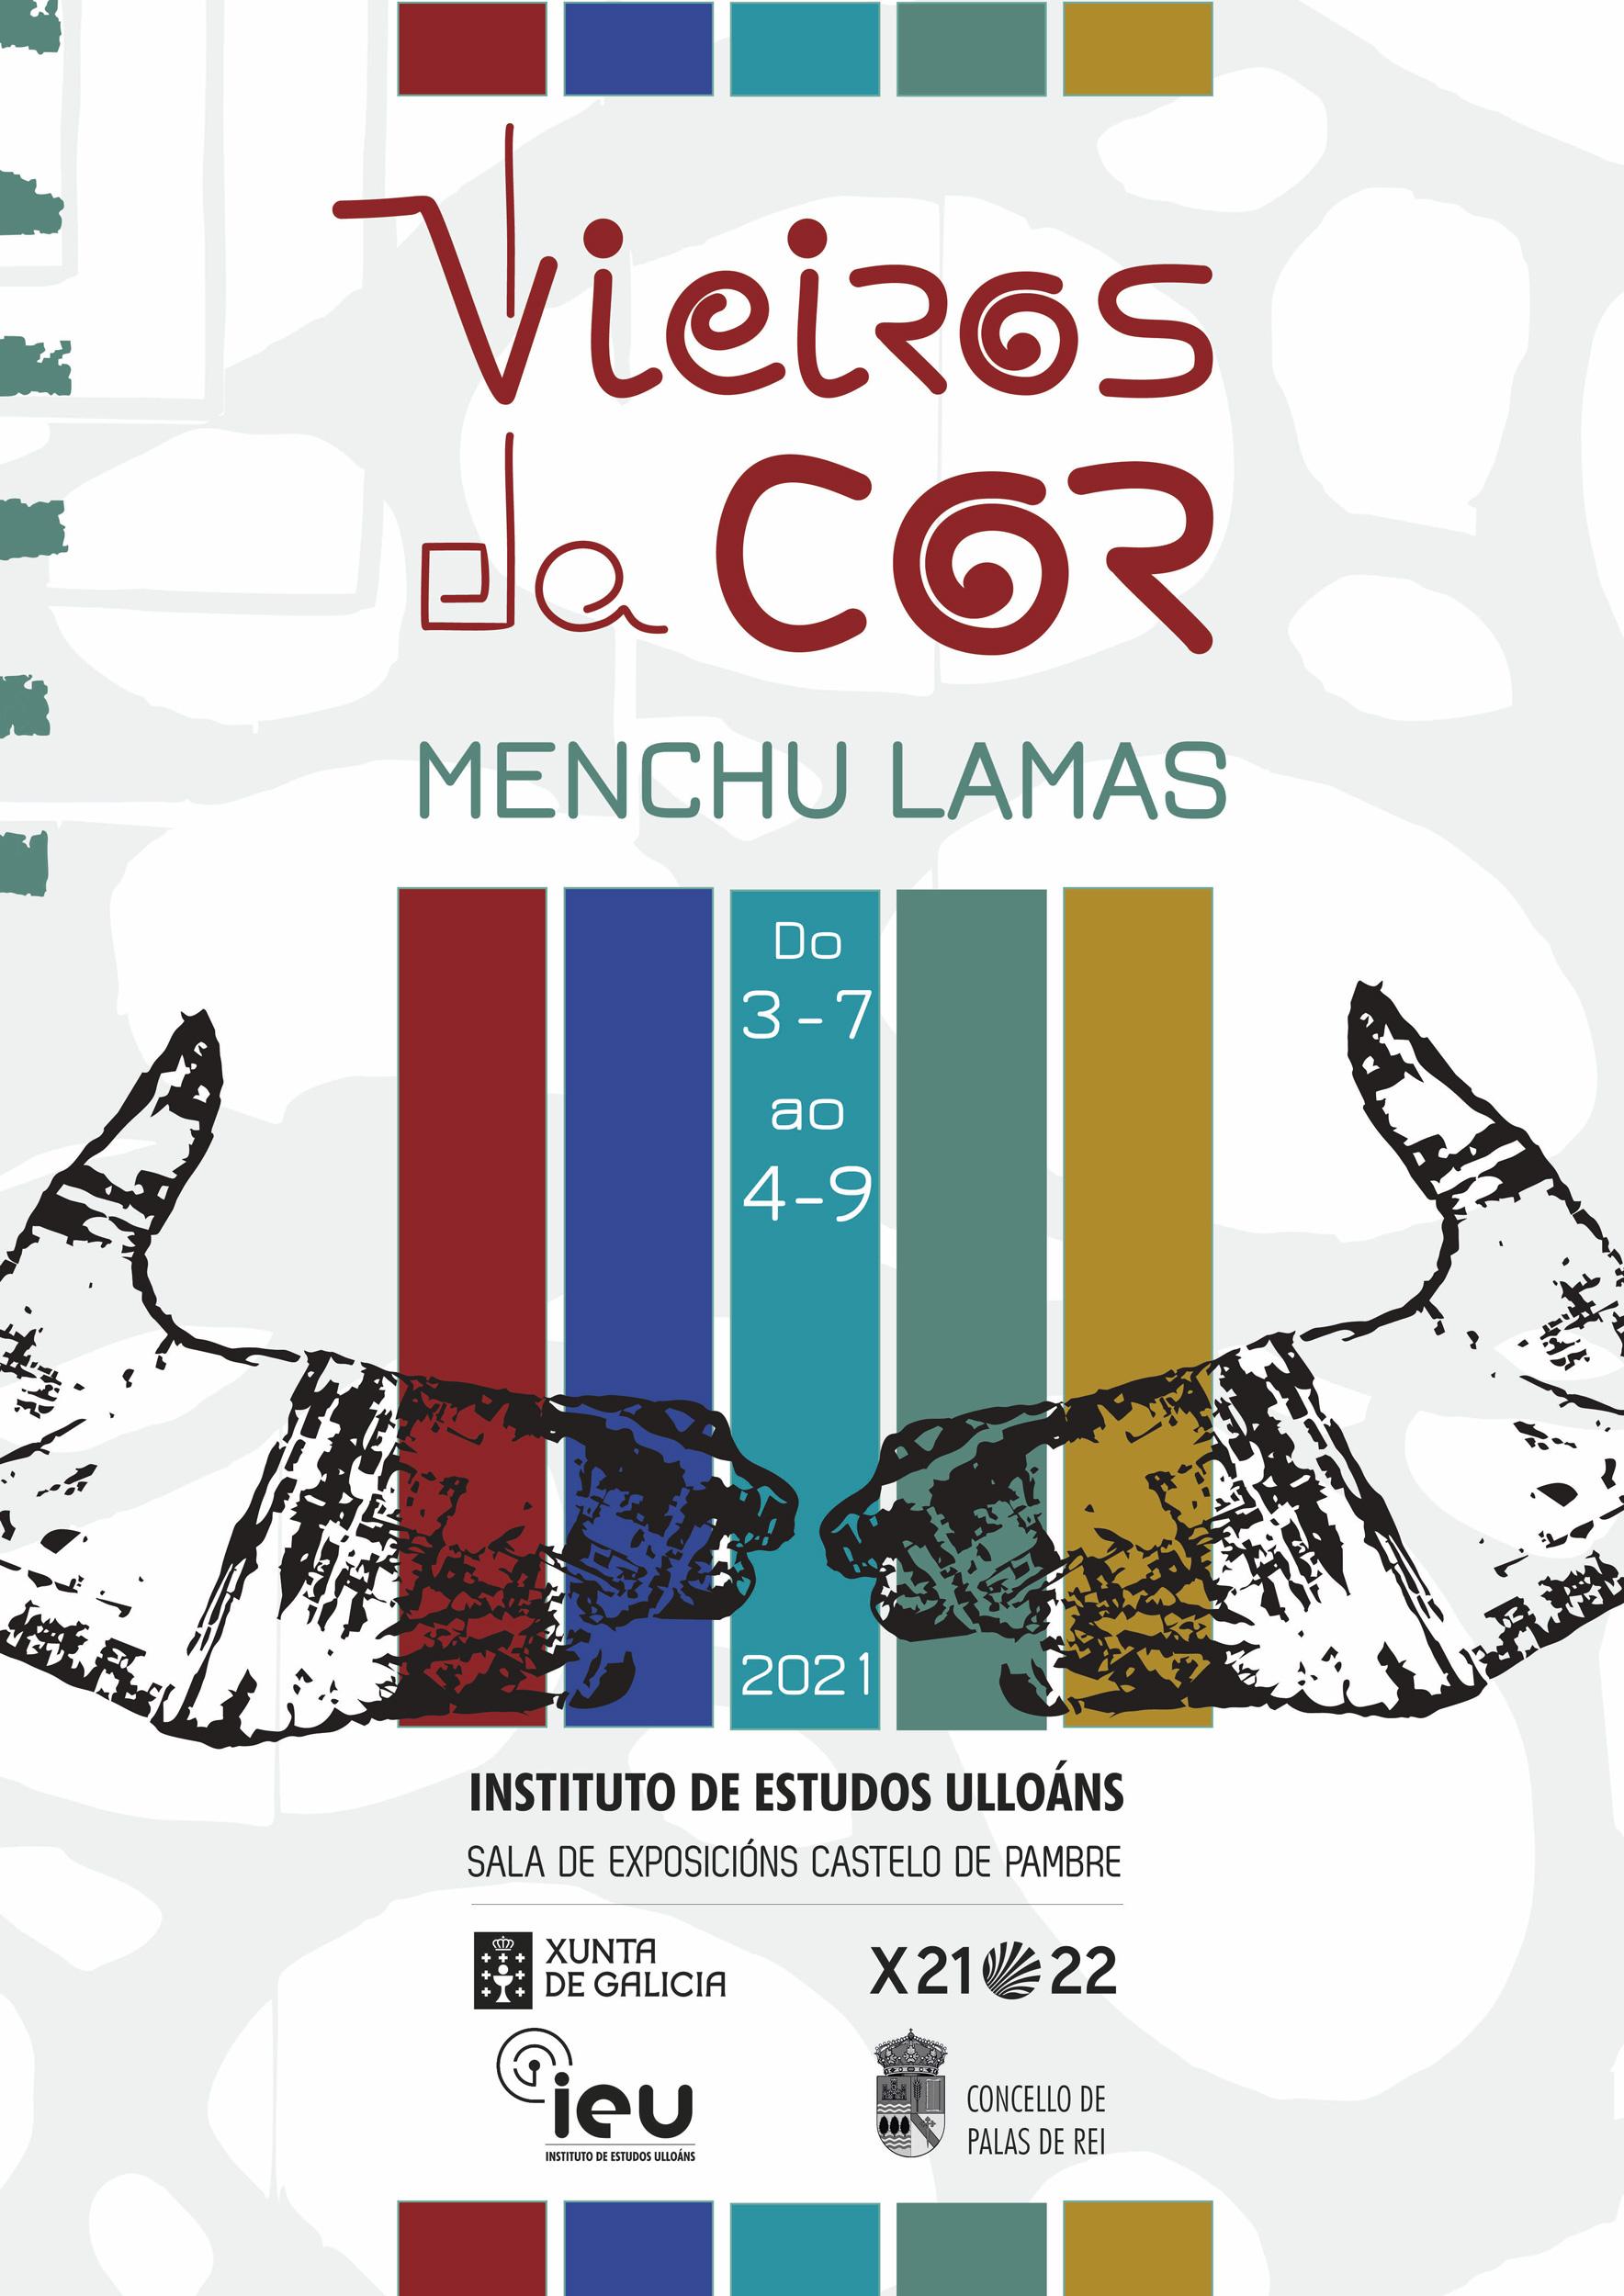 Vieiros da cor, Menchu Lamas, Castelo de Pambre, Instituto de Estudos Ulloáns